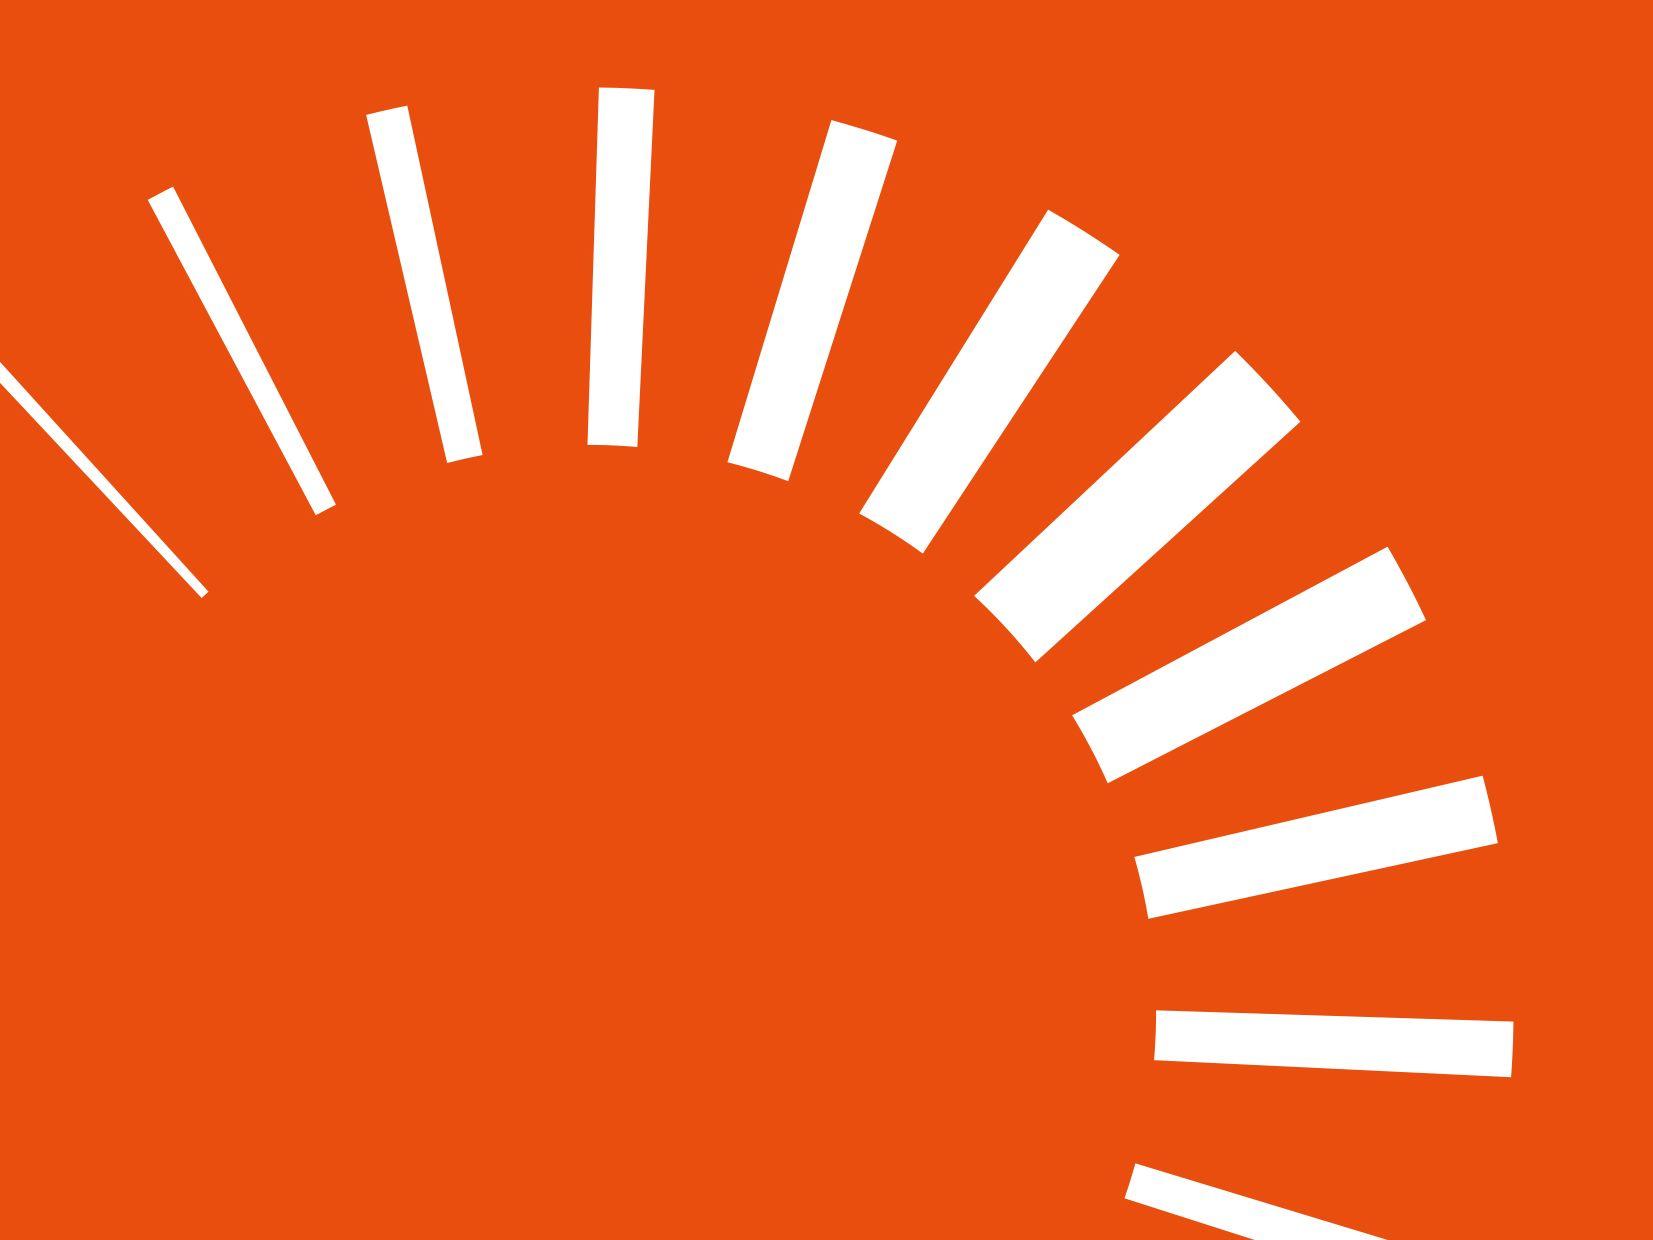 Decorative image of white dashed circles on orange background